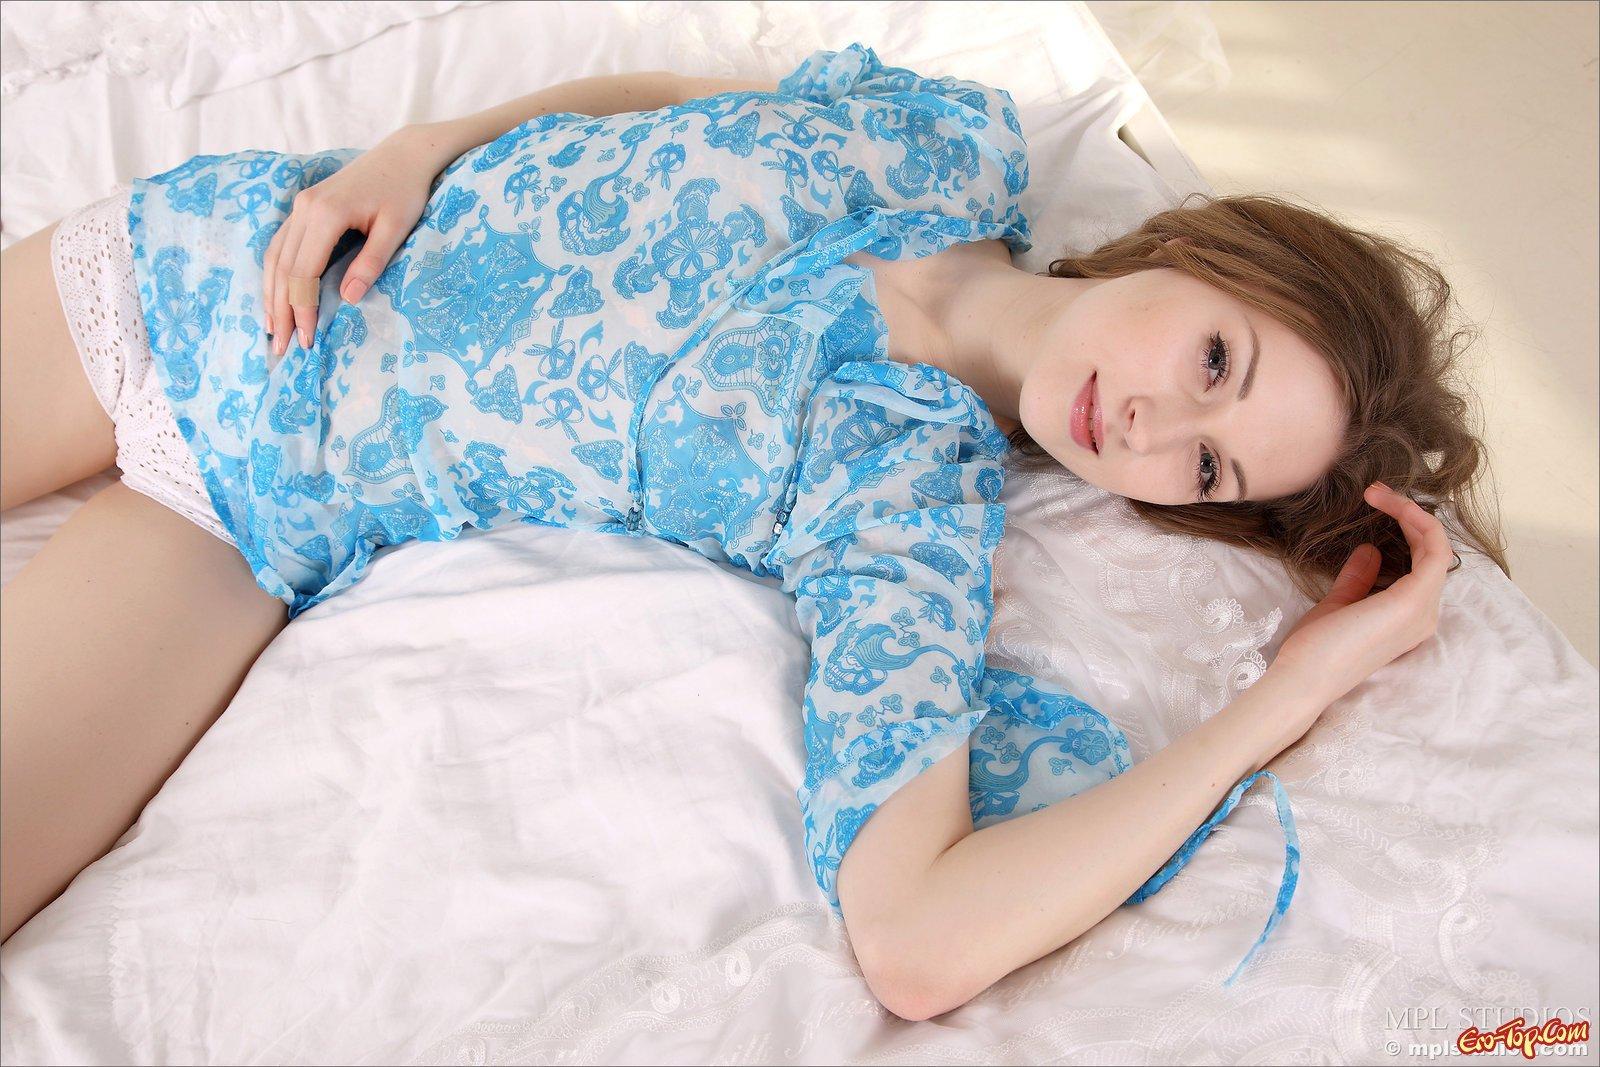 Красивая топ-модель в кроватке смотреть эротику